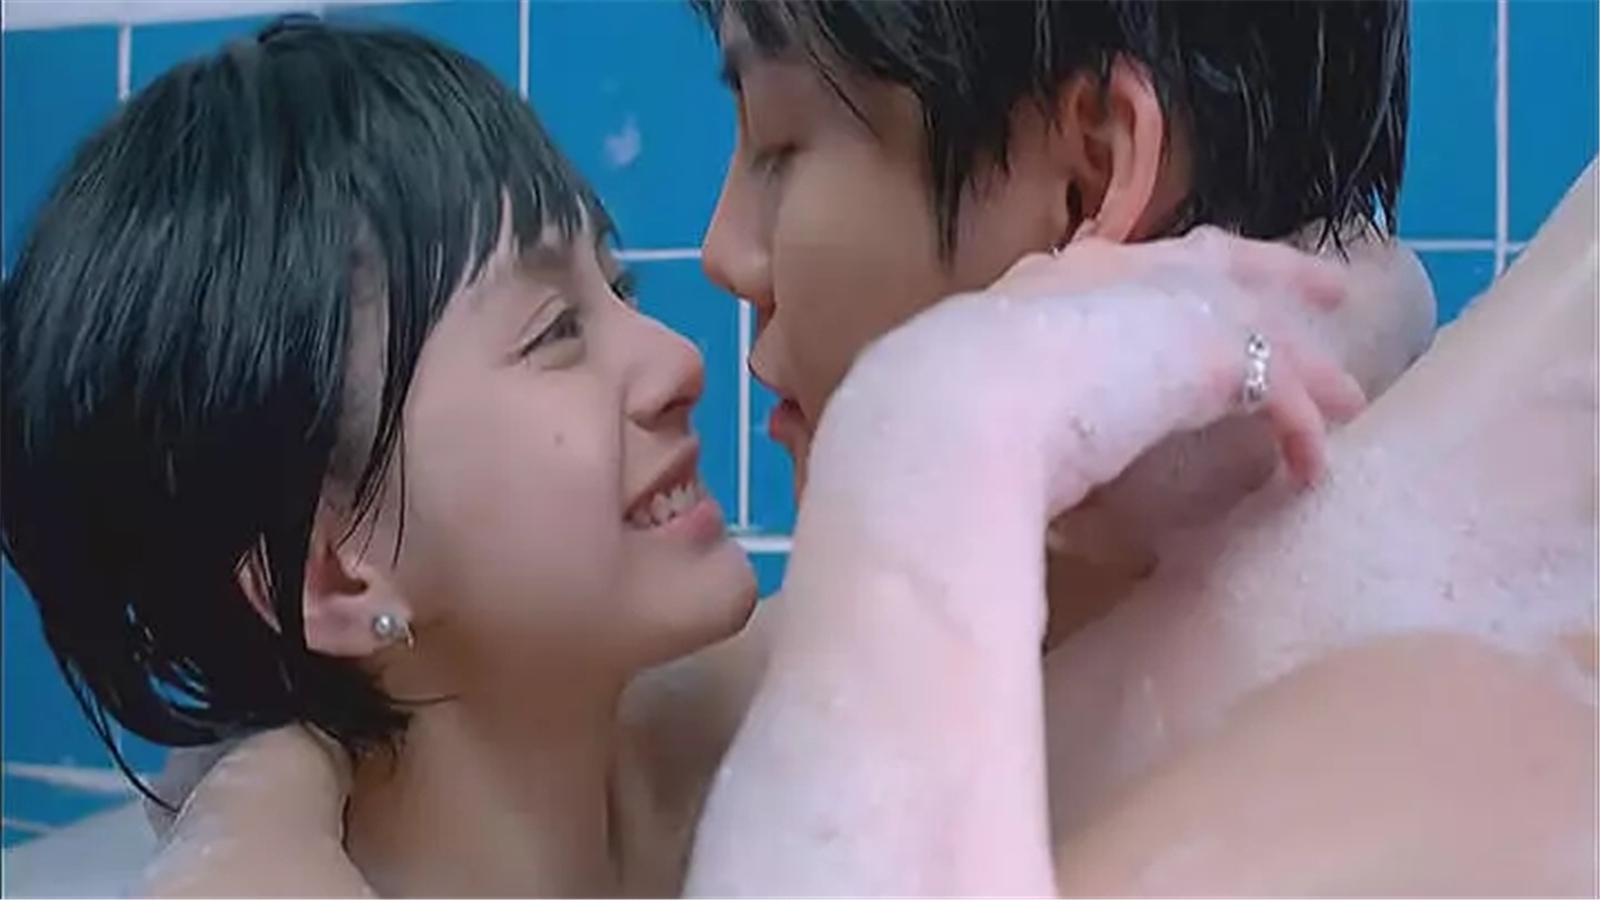 #经典看电影# 陈伟霆巅峰之作《前度》,前任永远是爱情的软肋戒不掉的毒品!